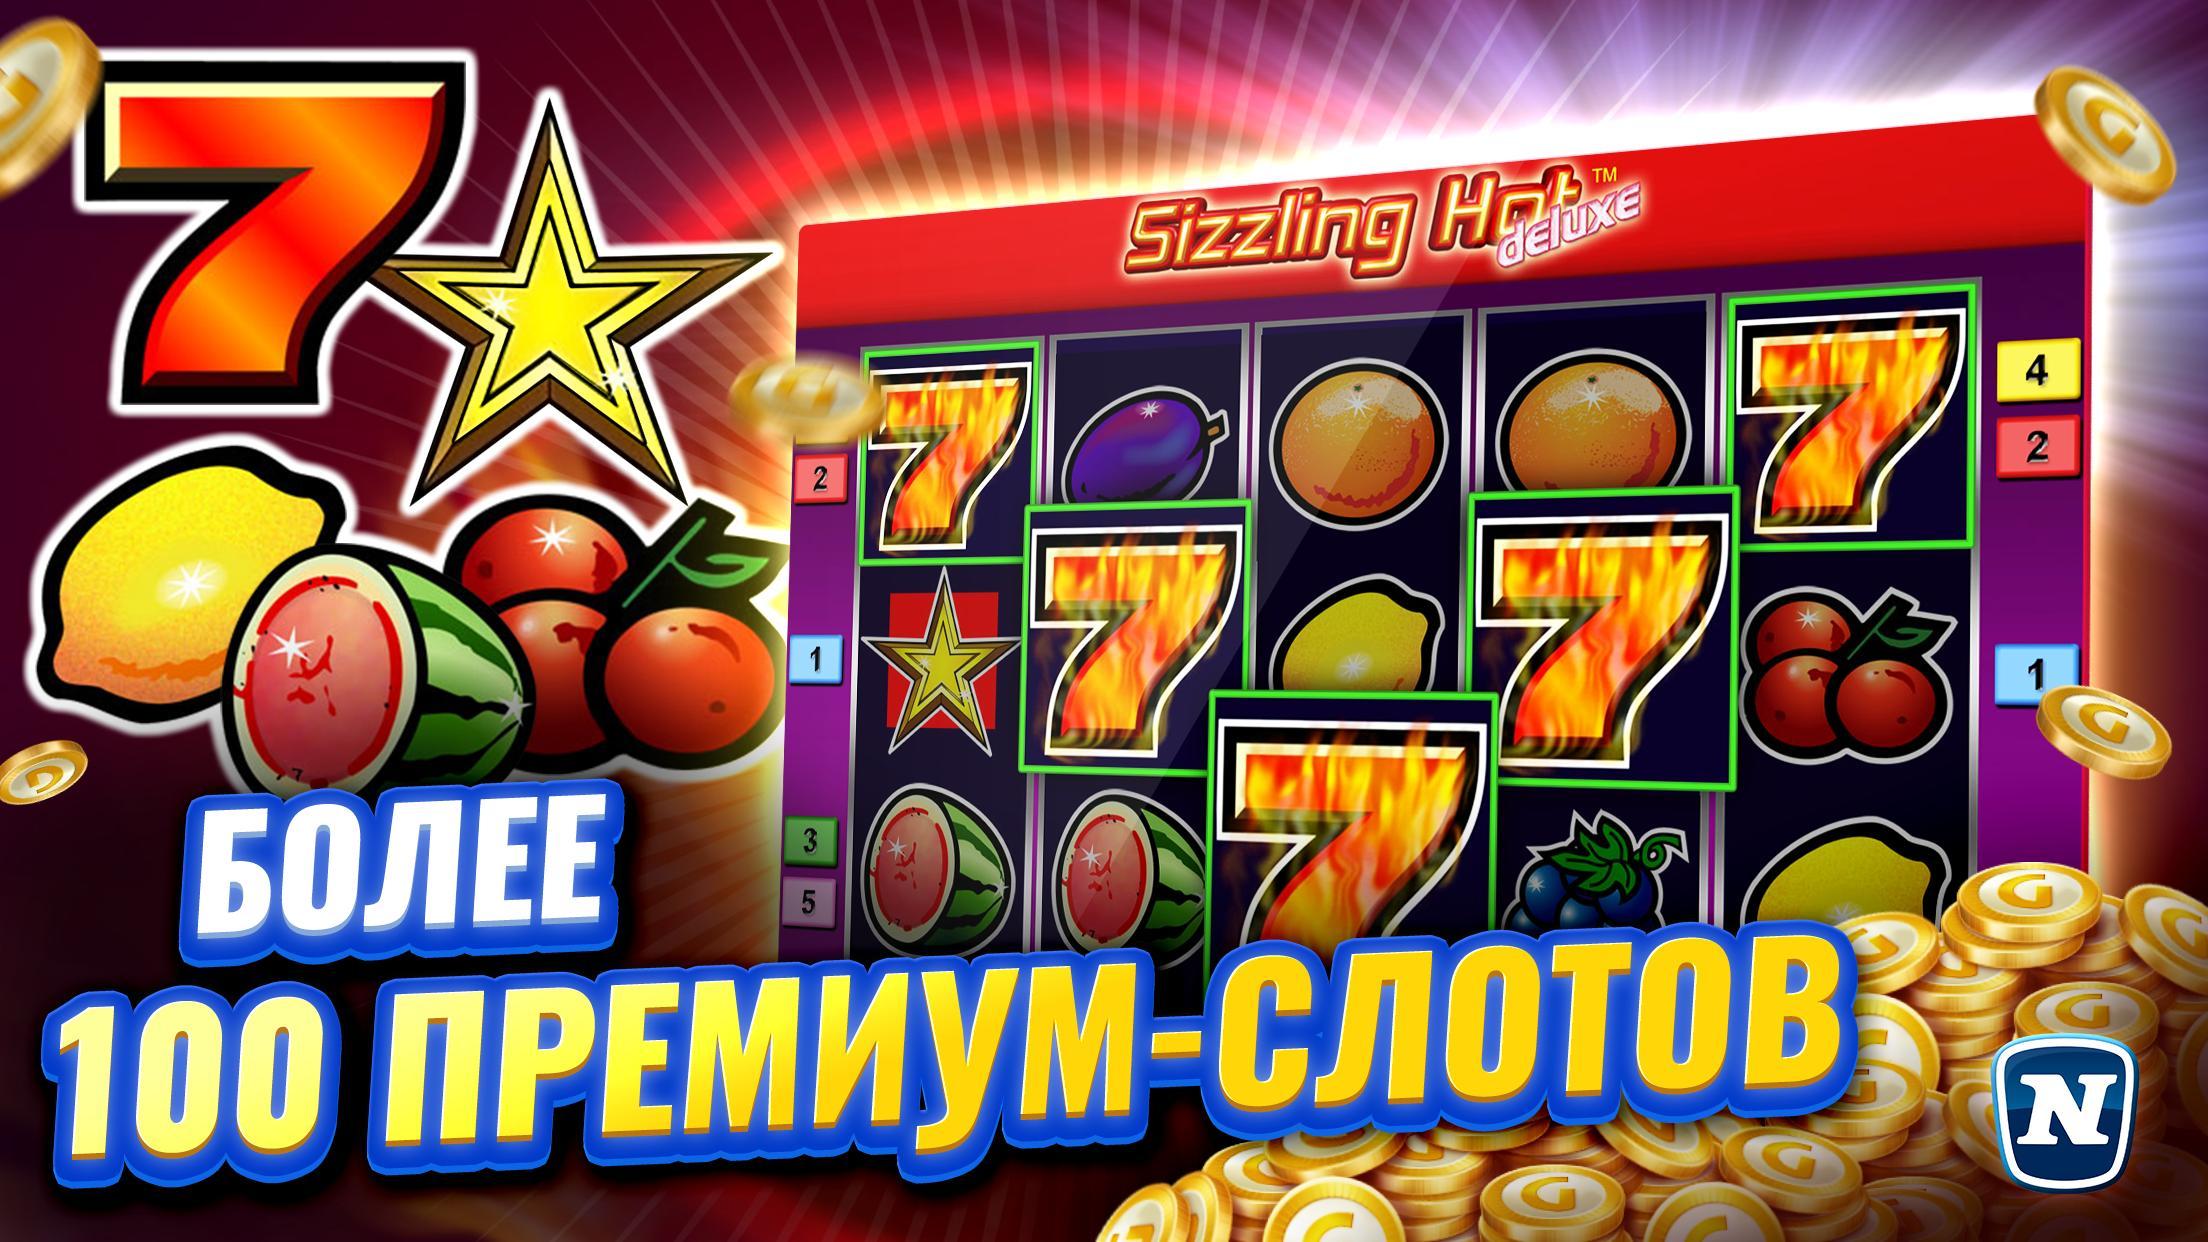 Игры казино игровые автоматы слоты плей фортуна казино играть онлайн